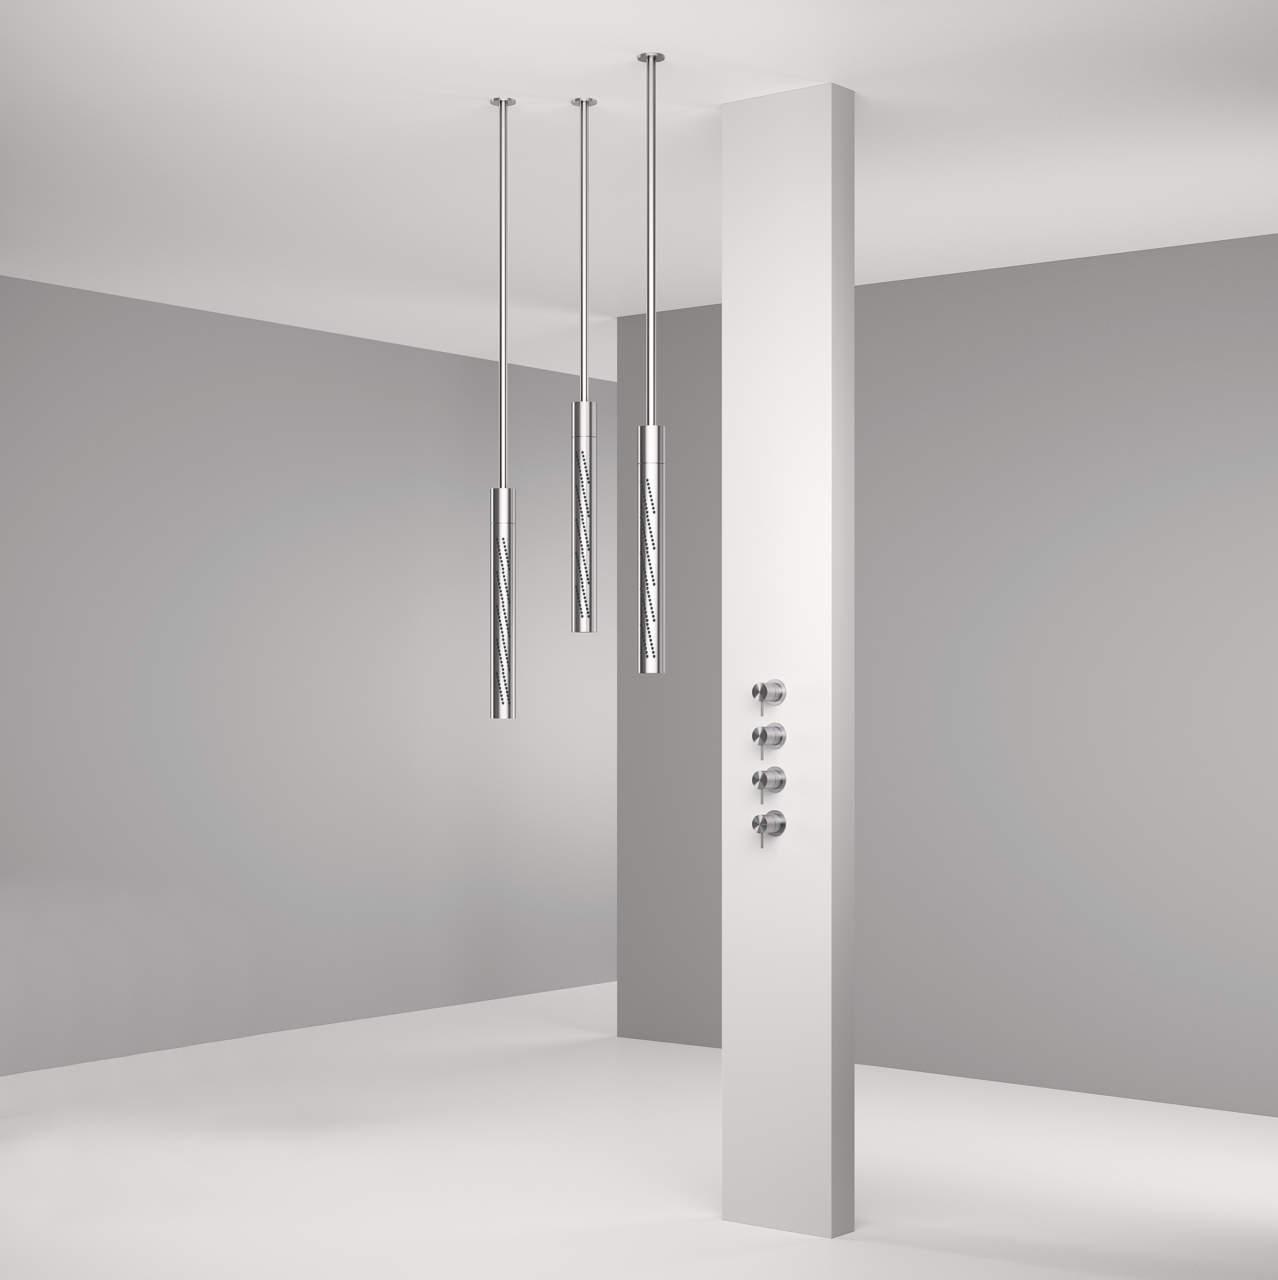 Soffione tubolare girevole verticale a soffitto